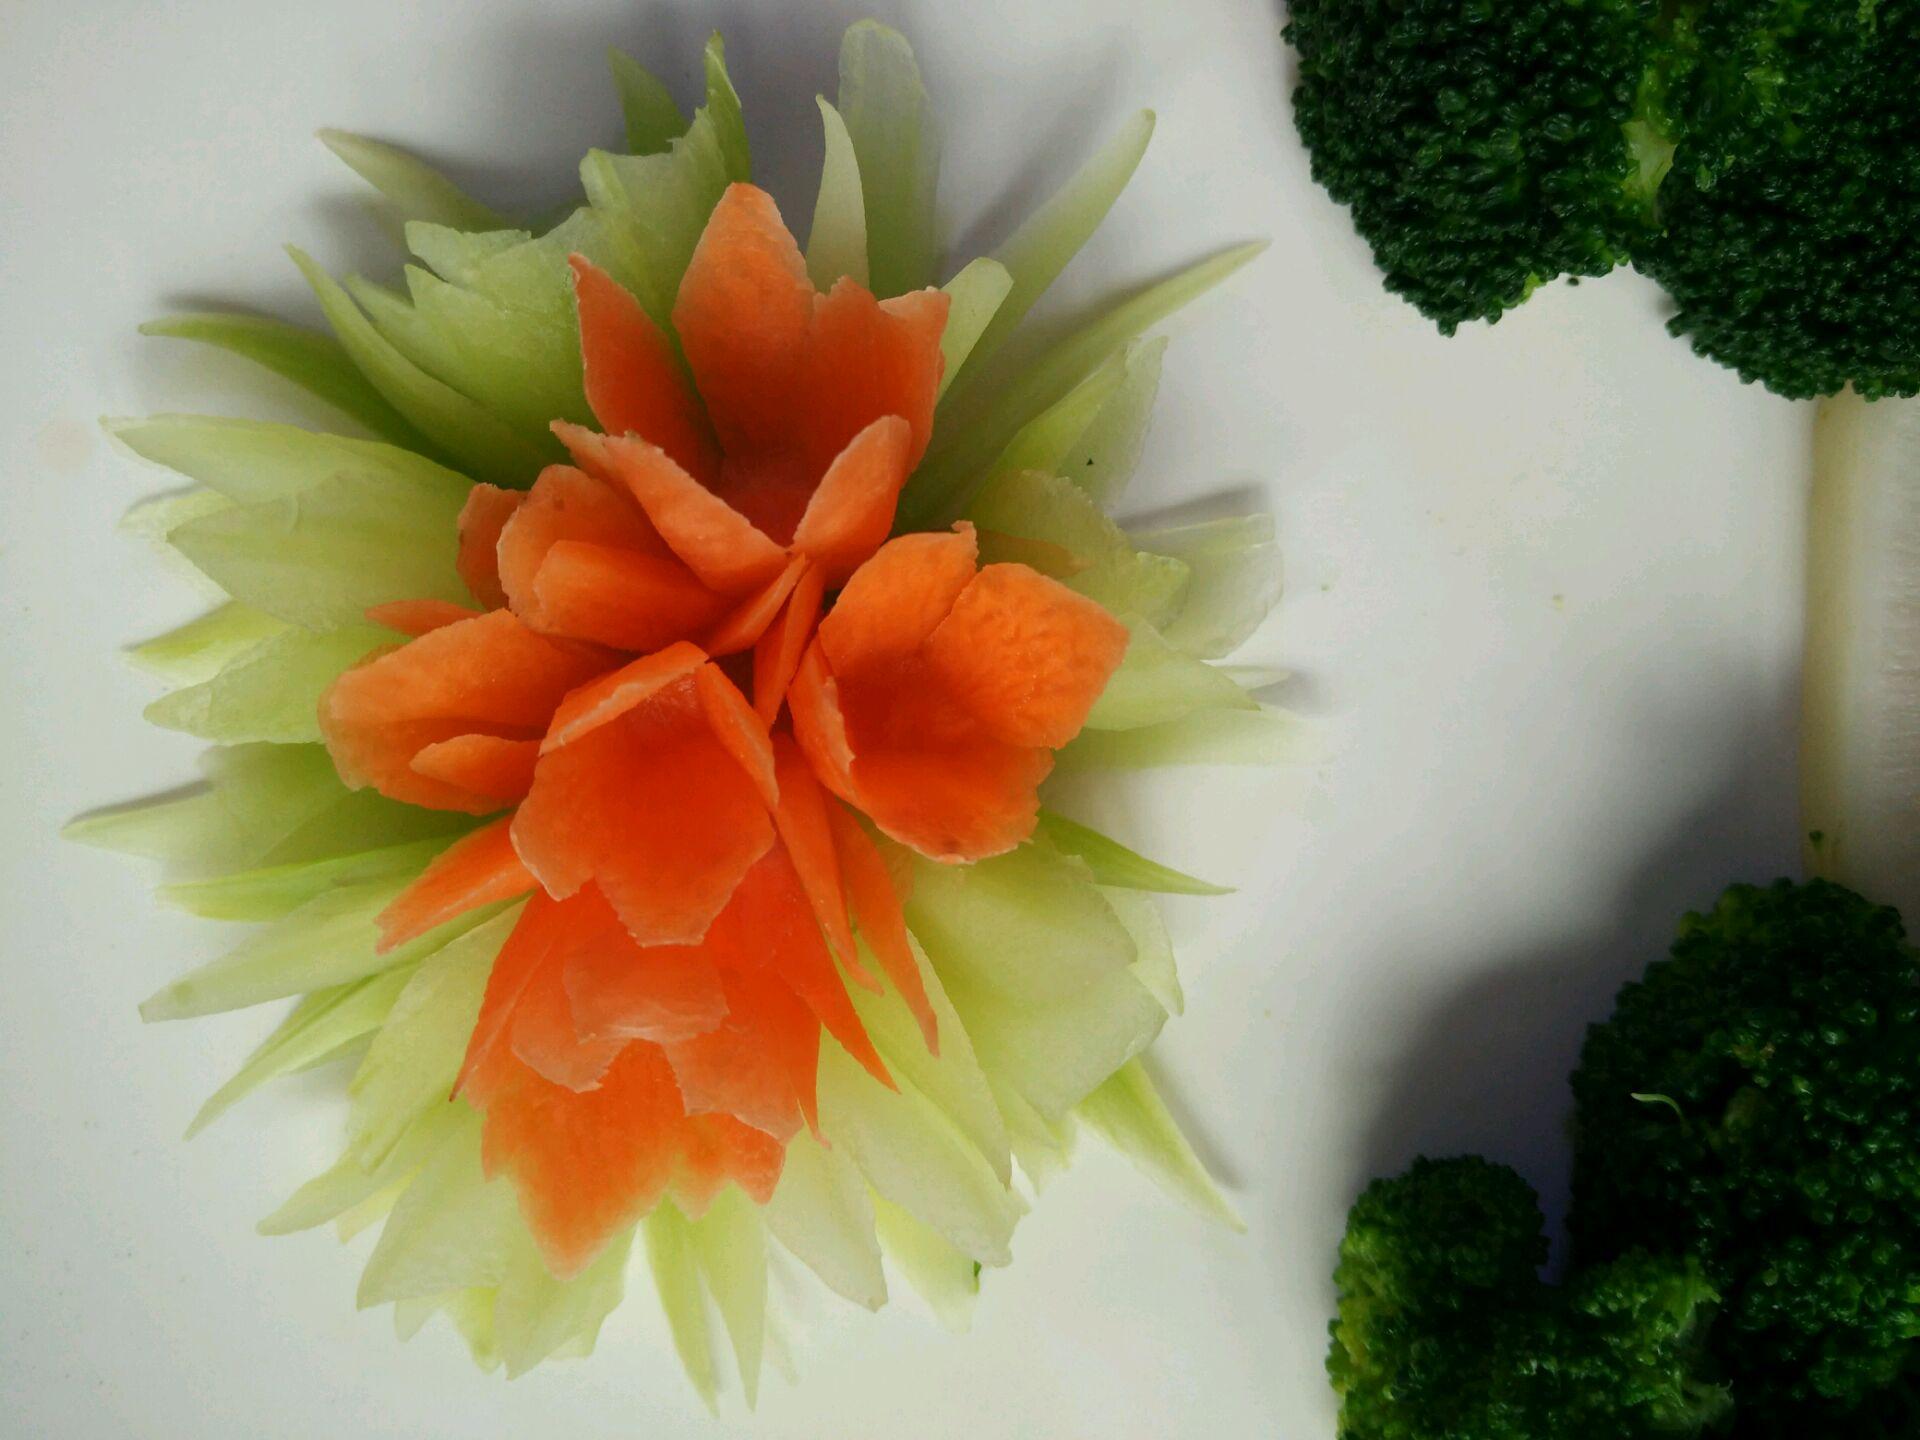 胡萝卜黄瓜去皮削出几朵花.,削这个花很简单,四办,从上往下.